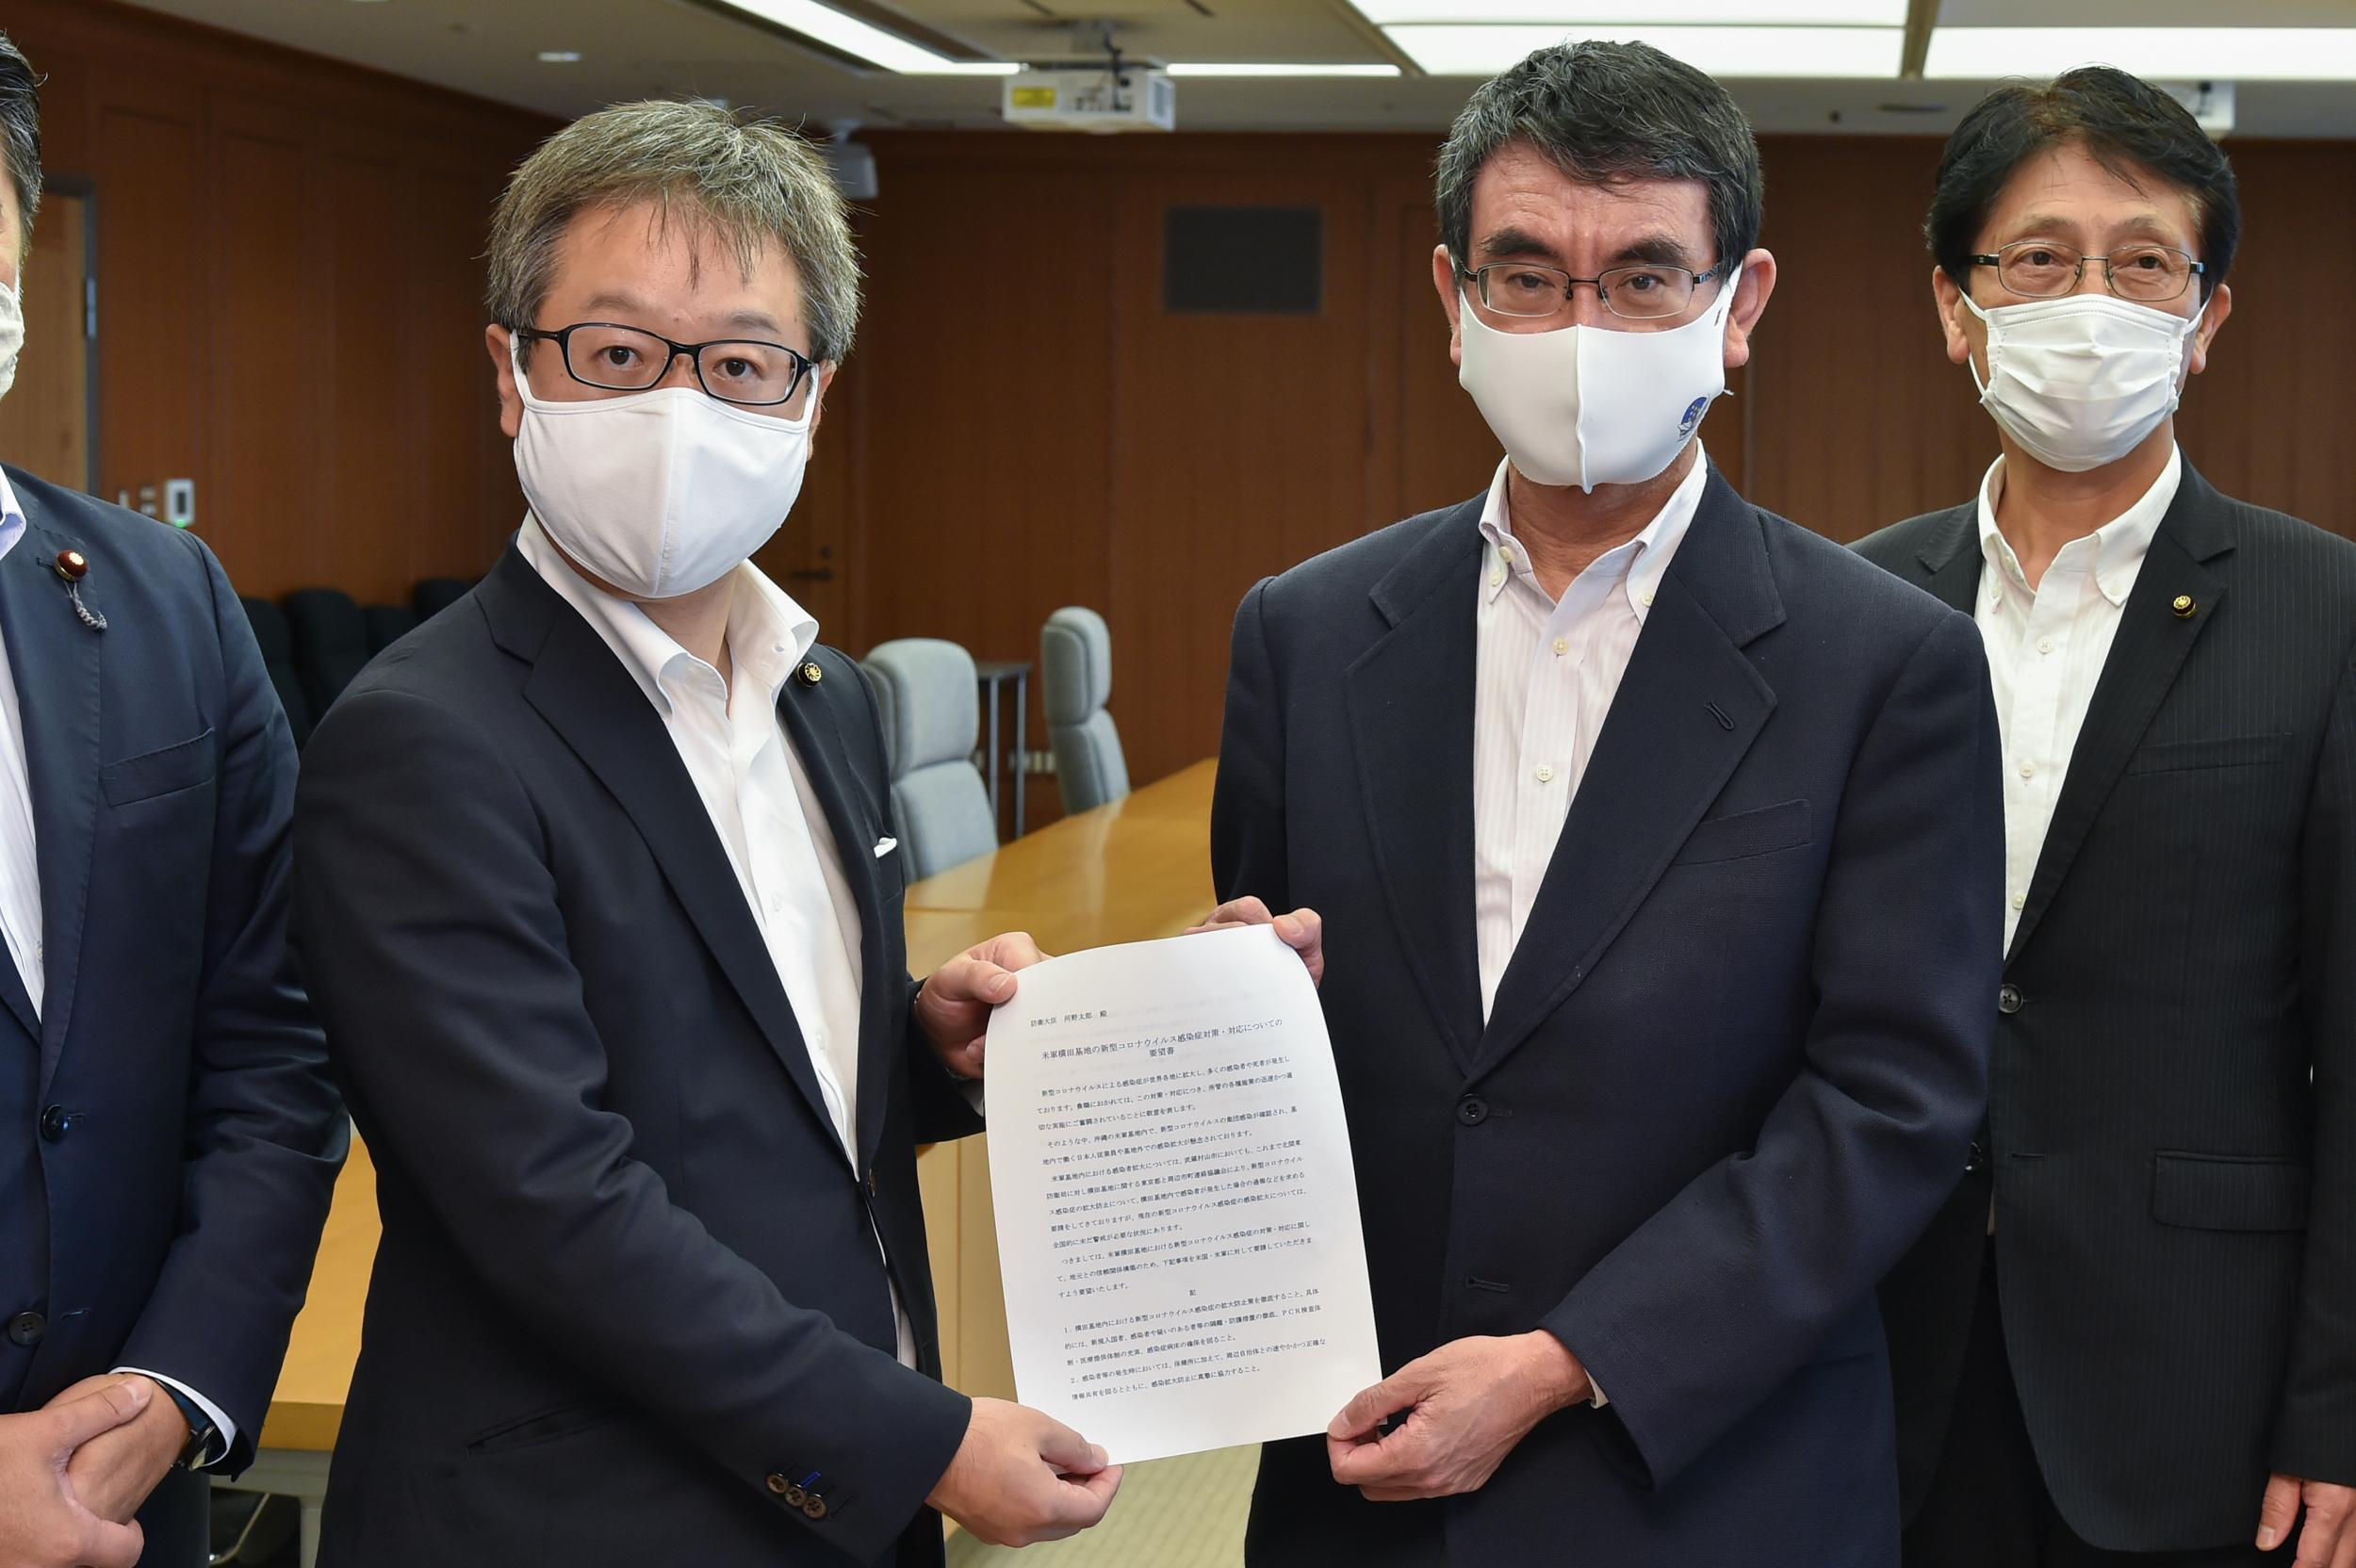 河野防衛大臣らと面会 横田基地におけるコロナ対策について要望